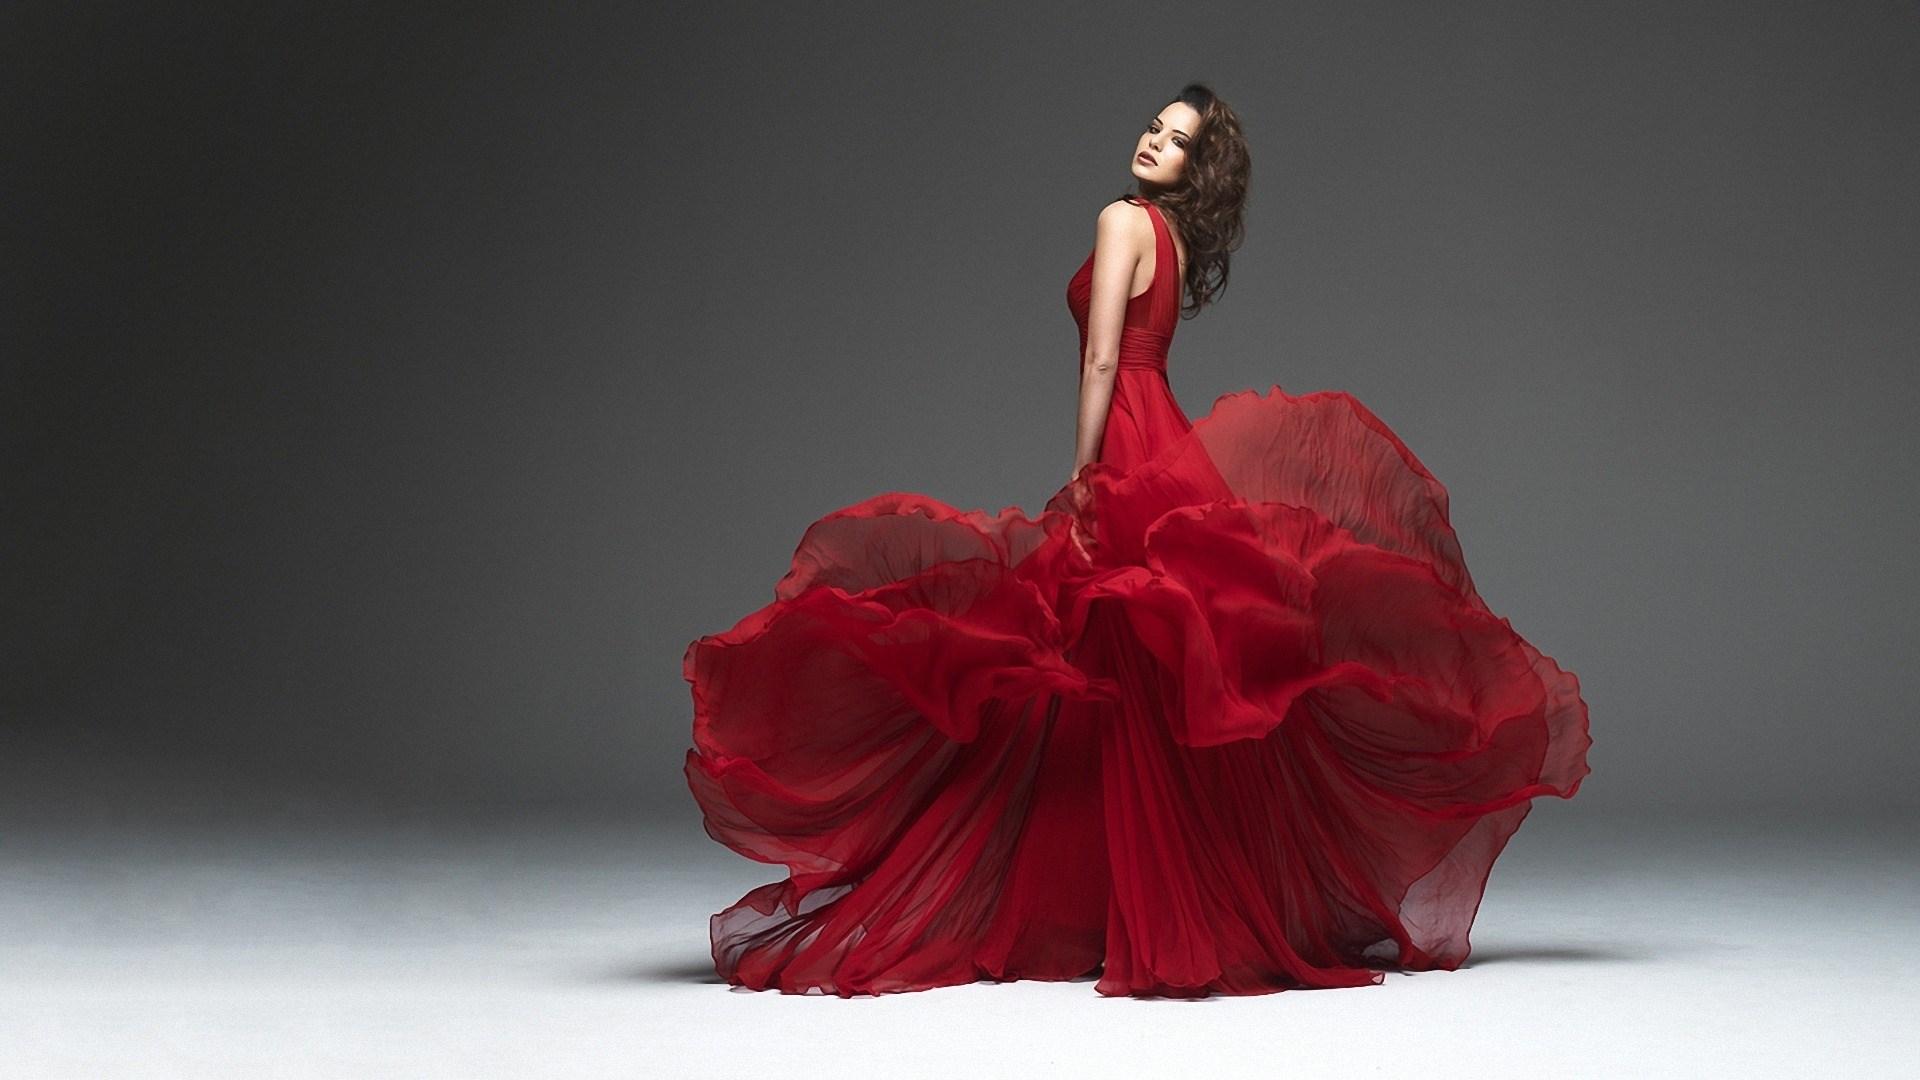 Red Dress Wallpaper